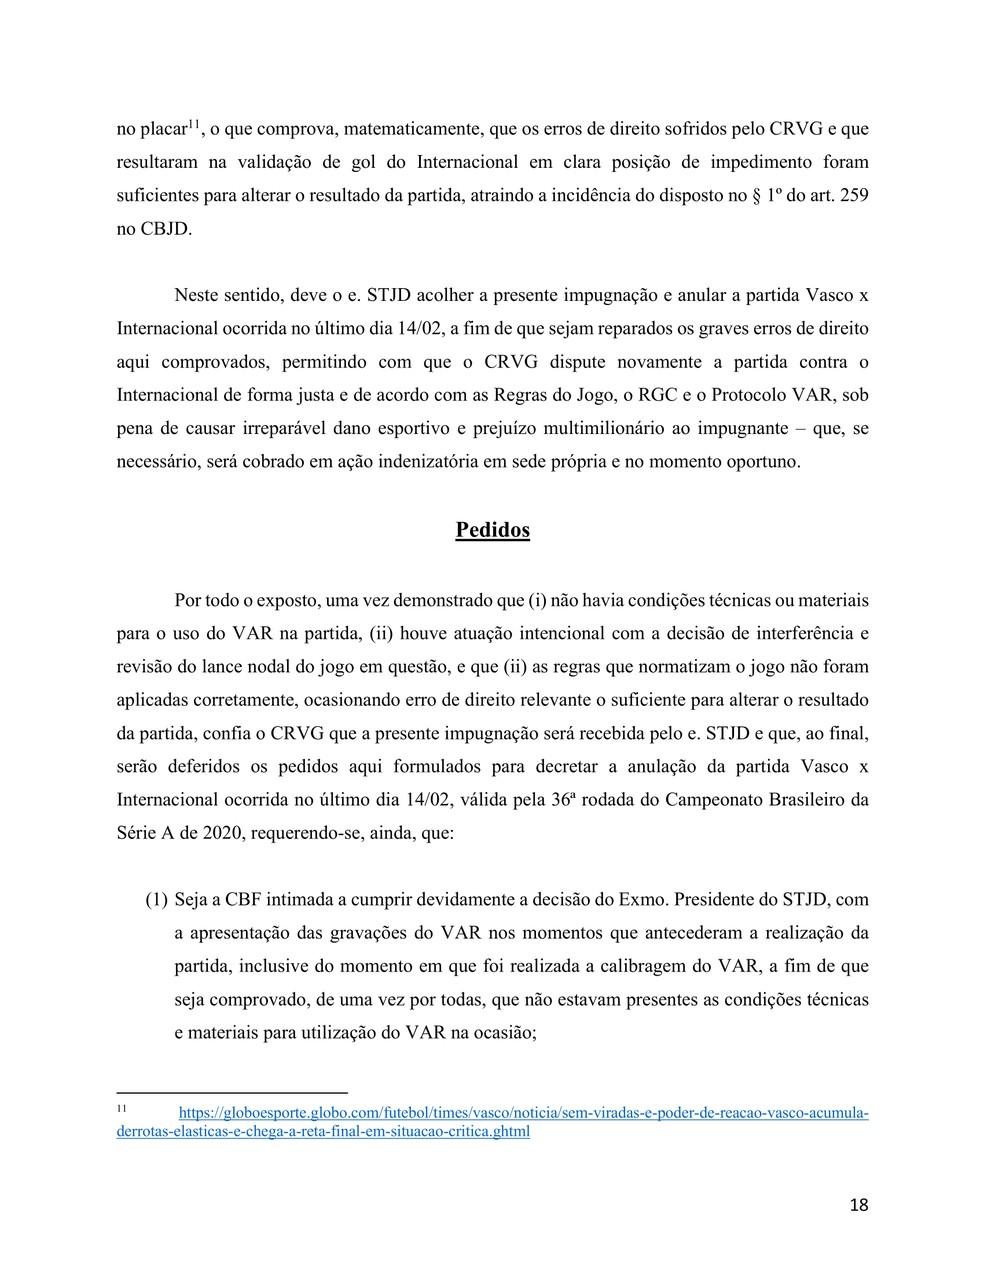 Vasco reitera pedido pelas imagens do VAR do pré-jogo de Vasco x Inter — Foto: Reprodução